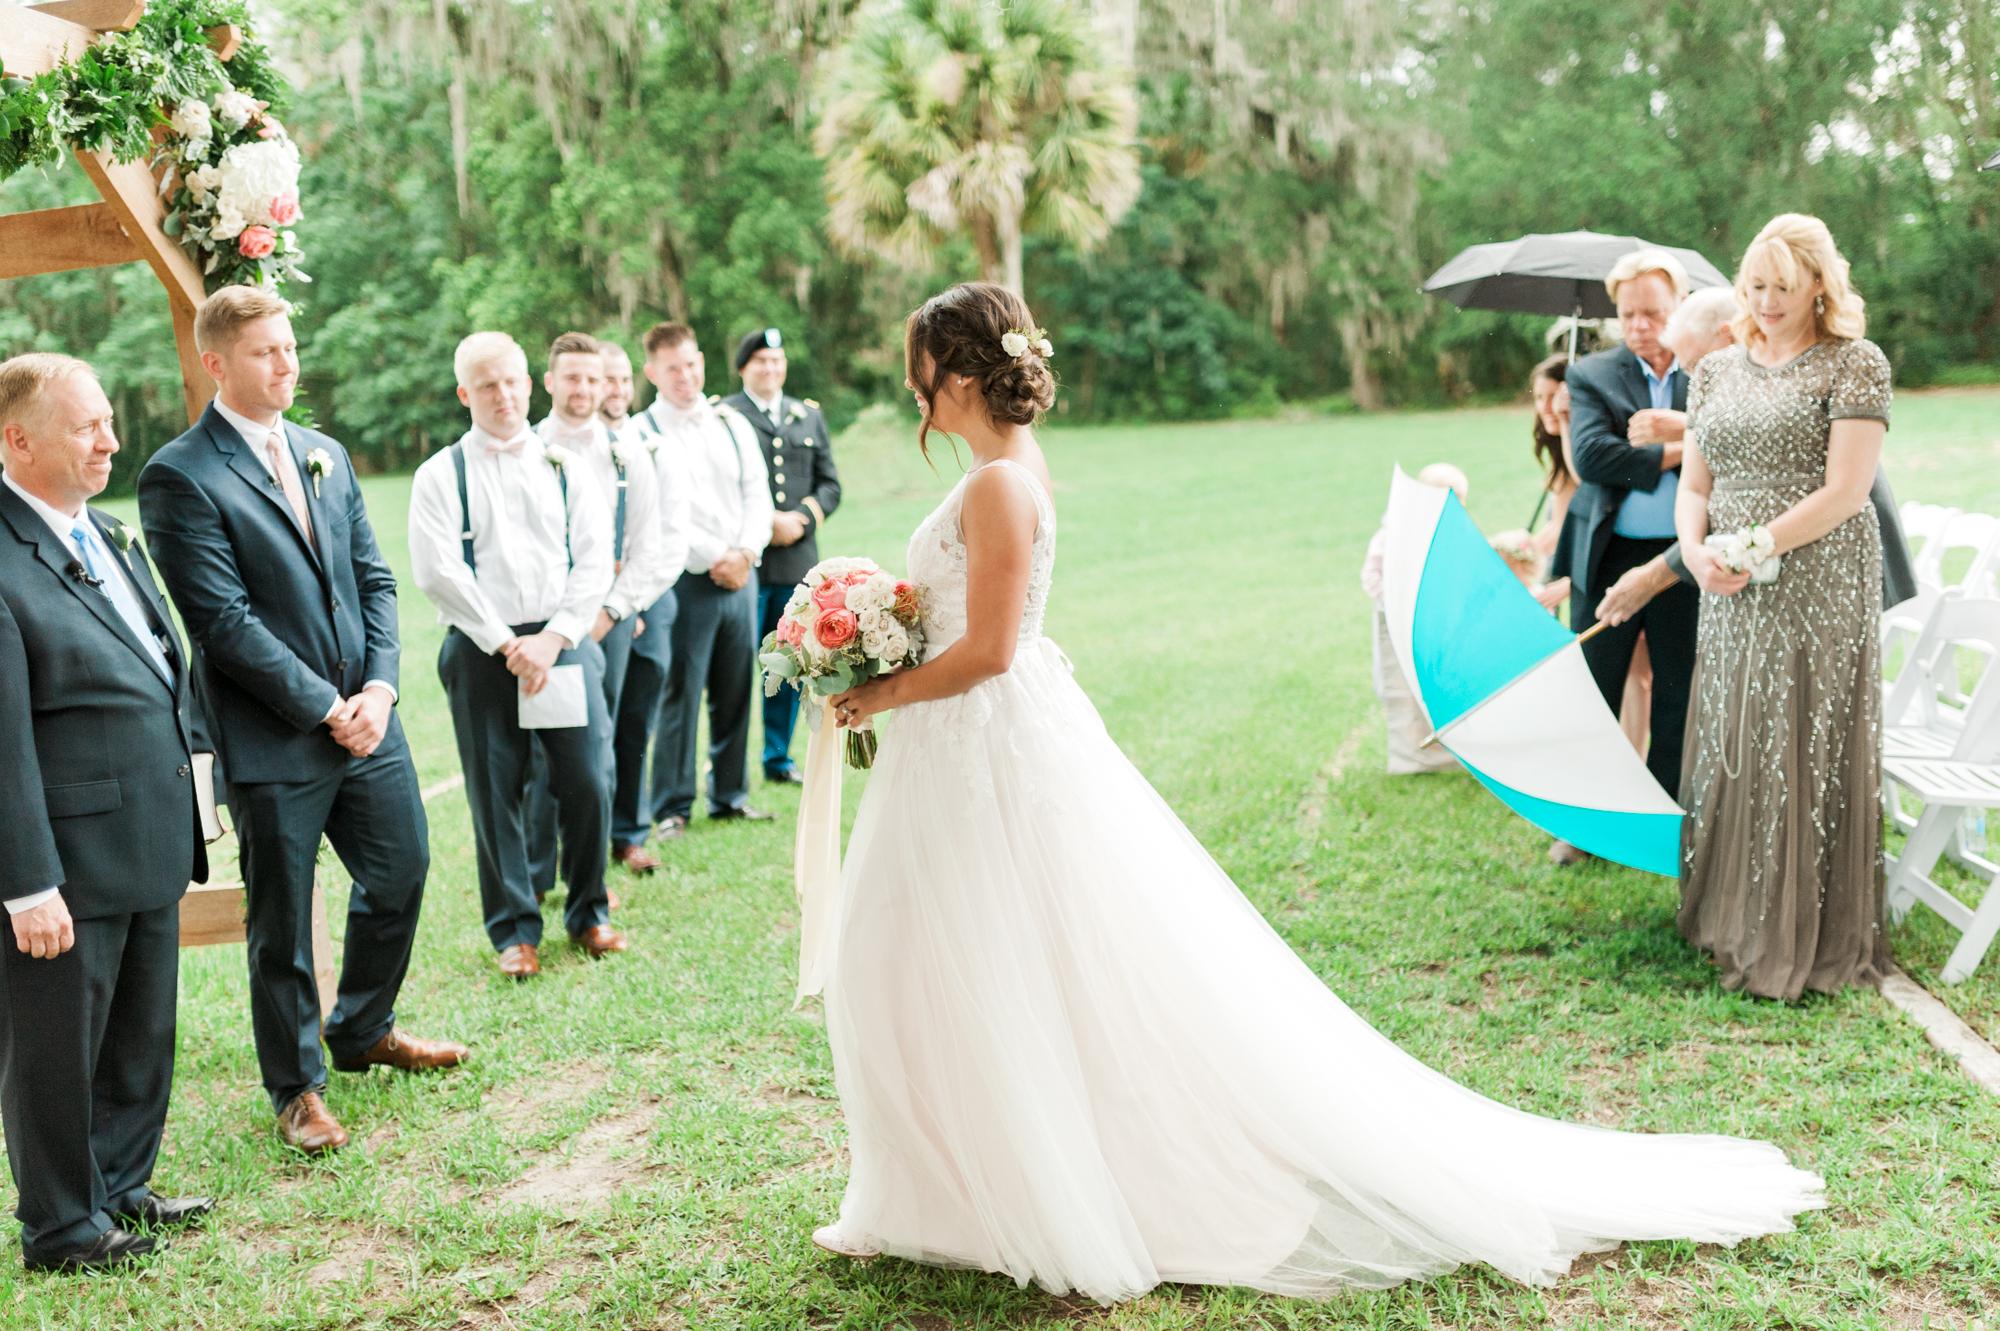 sydonie-mansion-mount-dora-orlando-wedding-photos-by-jessica-bellinger-6121.jpg